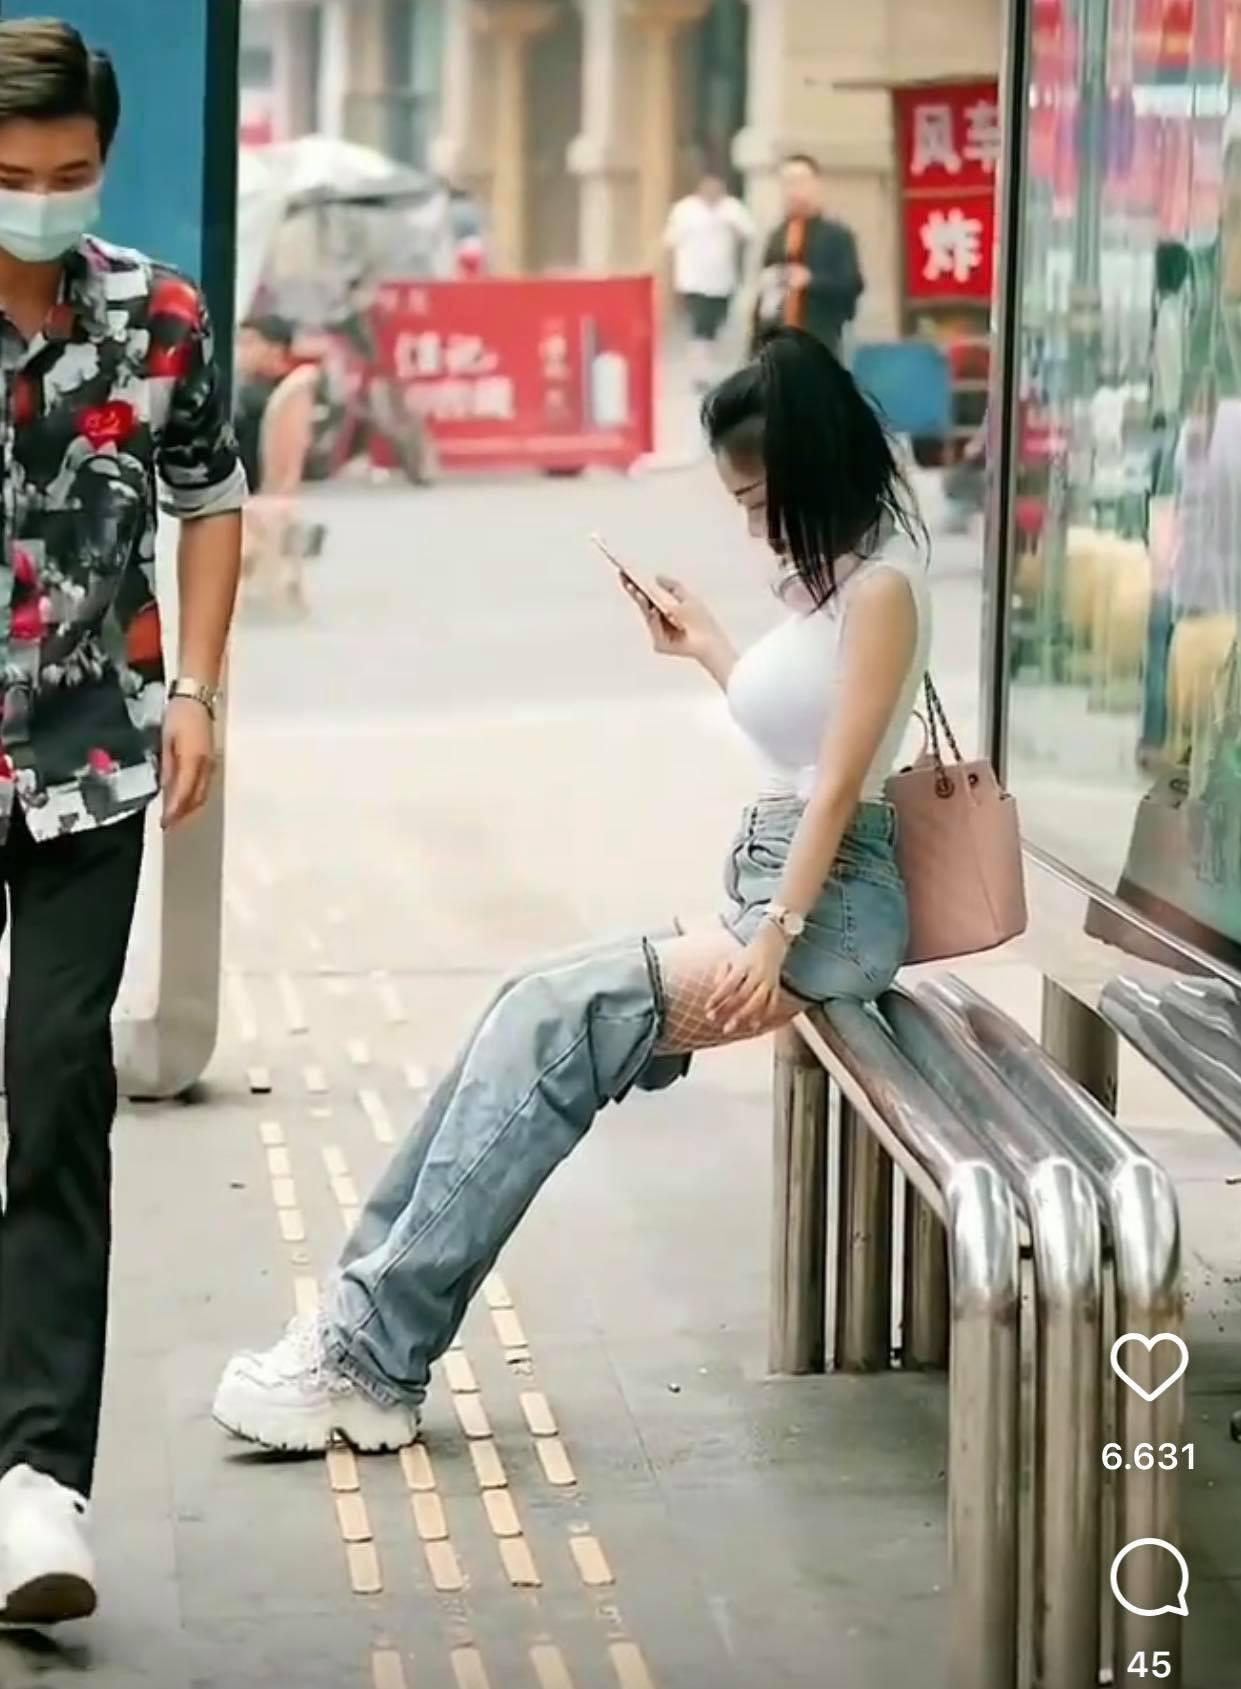 Ngồi chờ xe buýt, hot girl khiến người đi đường nhìn chằm chằm vì chiếc quần kỳ cục - 3